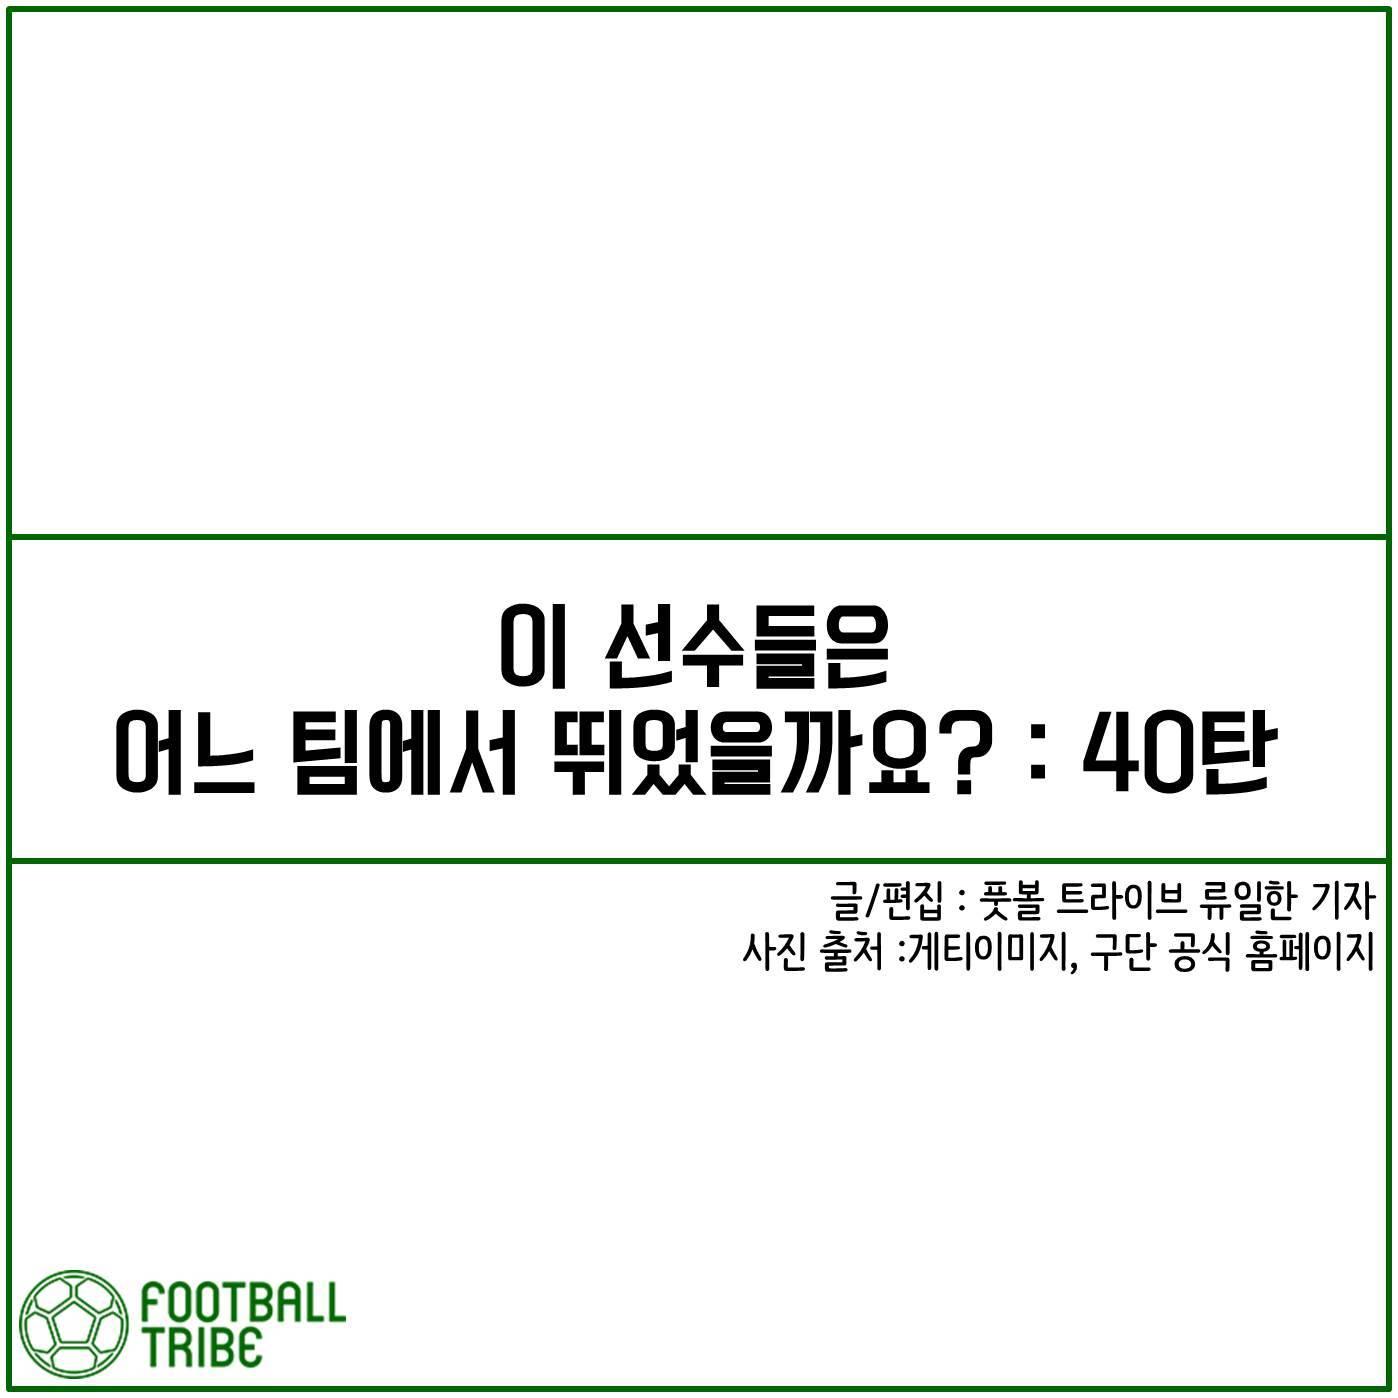 [카드 뉴스] 이 선수들은 어느 팀에서 뛰었을까요?: 40탄